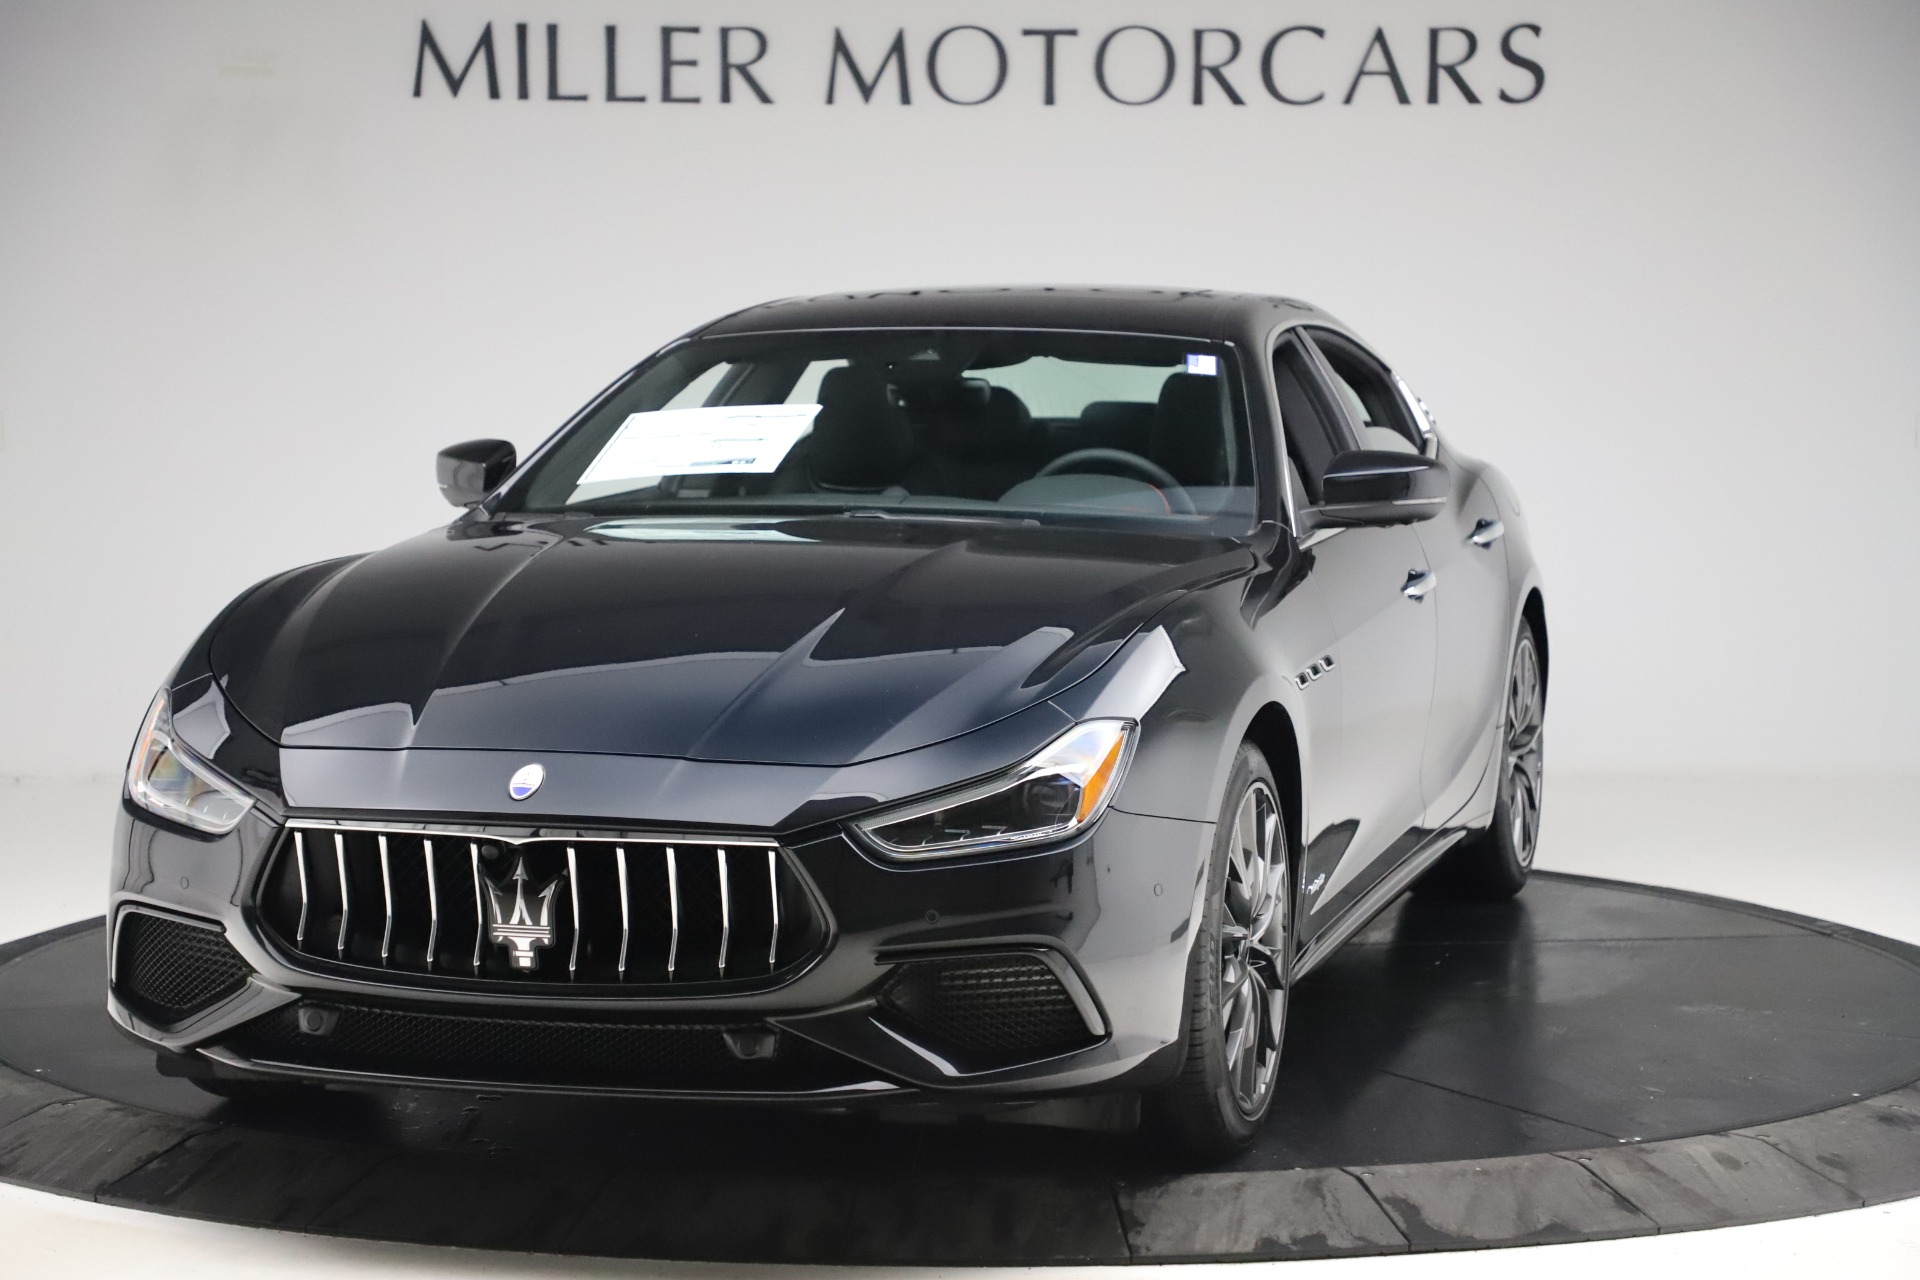 New 2019 Maserati Ghibli S Q4 GranSport for sale Sold at Maserati of Westport in Westport CT 06880 1